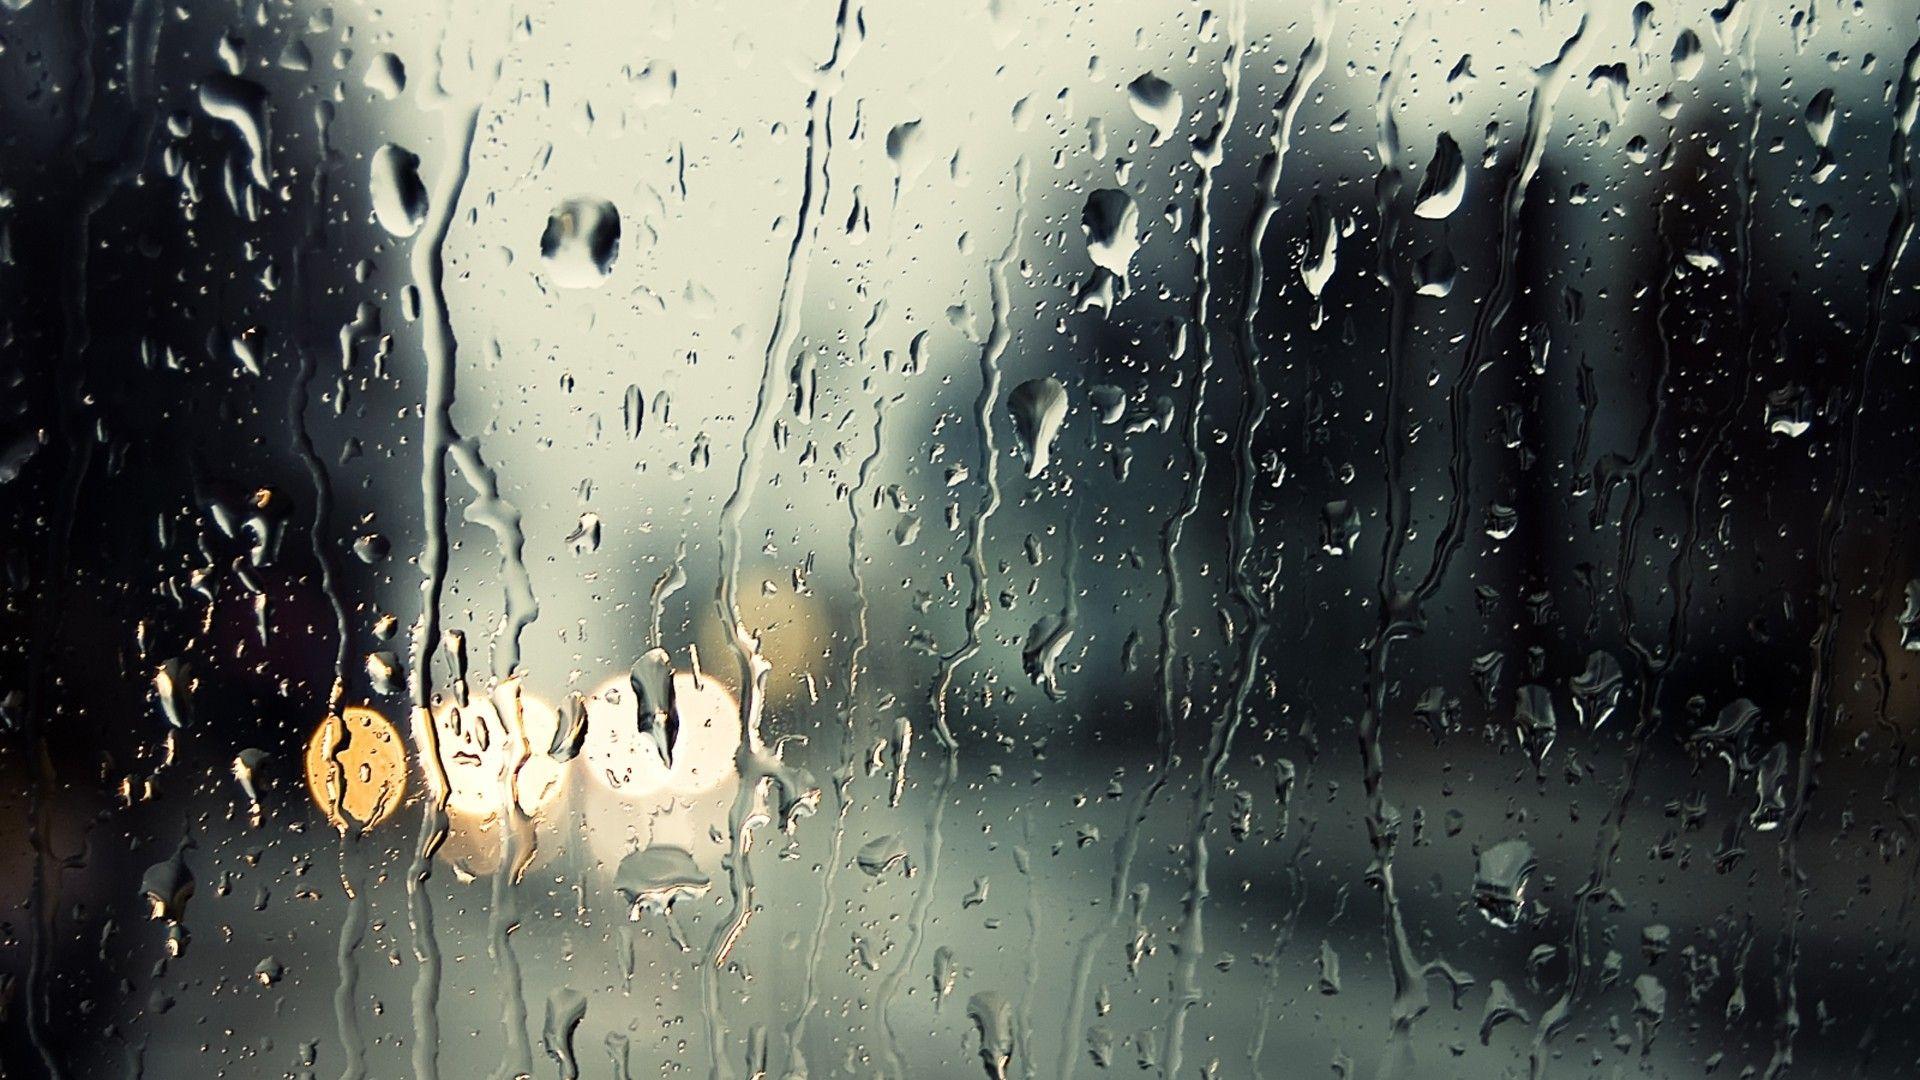 夏季用空调 除湿那些事你保准想知道